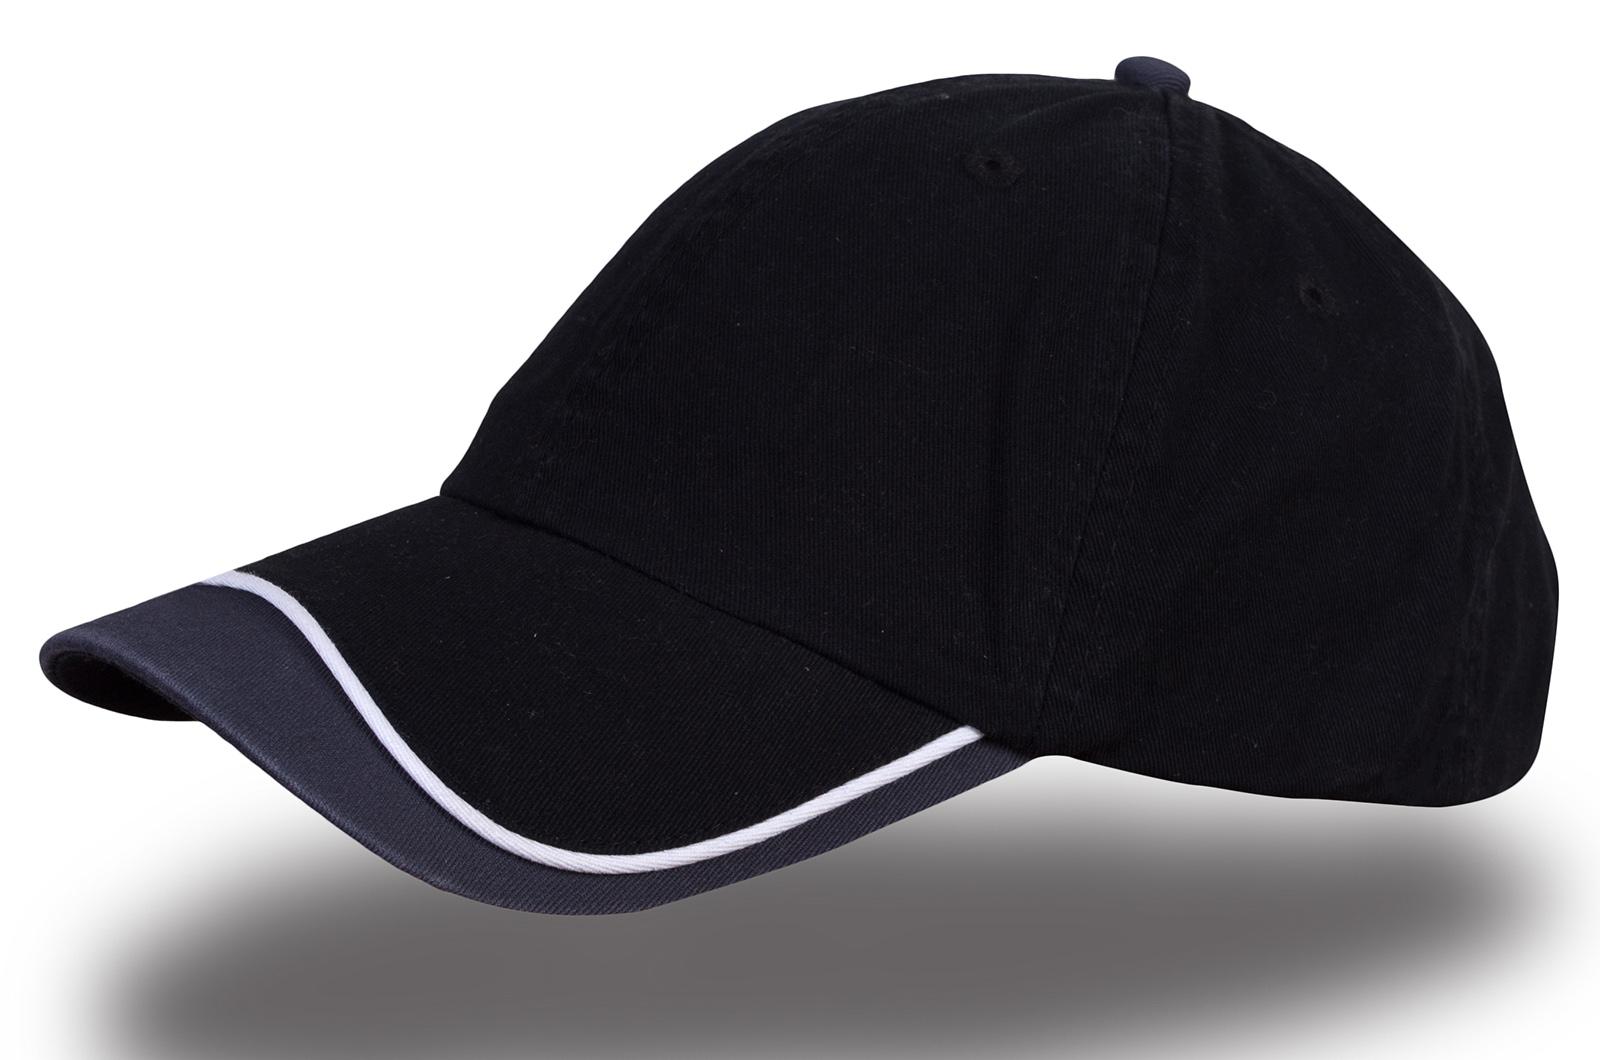 Кепка чернная с серым - купить в интернет-магазине с доставкой